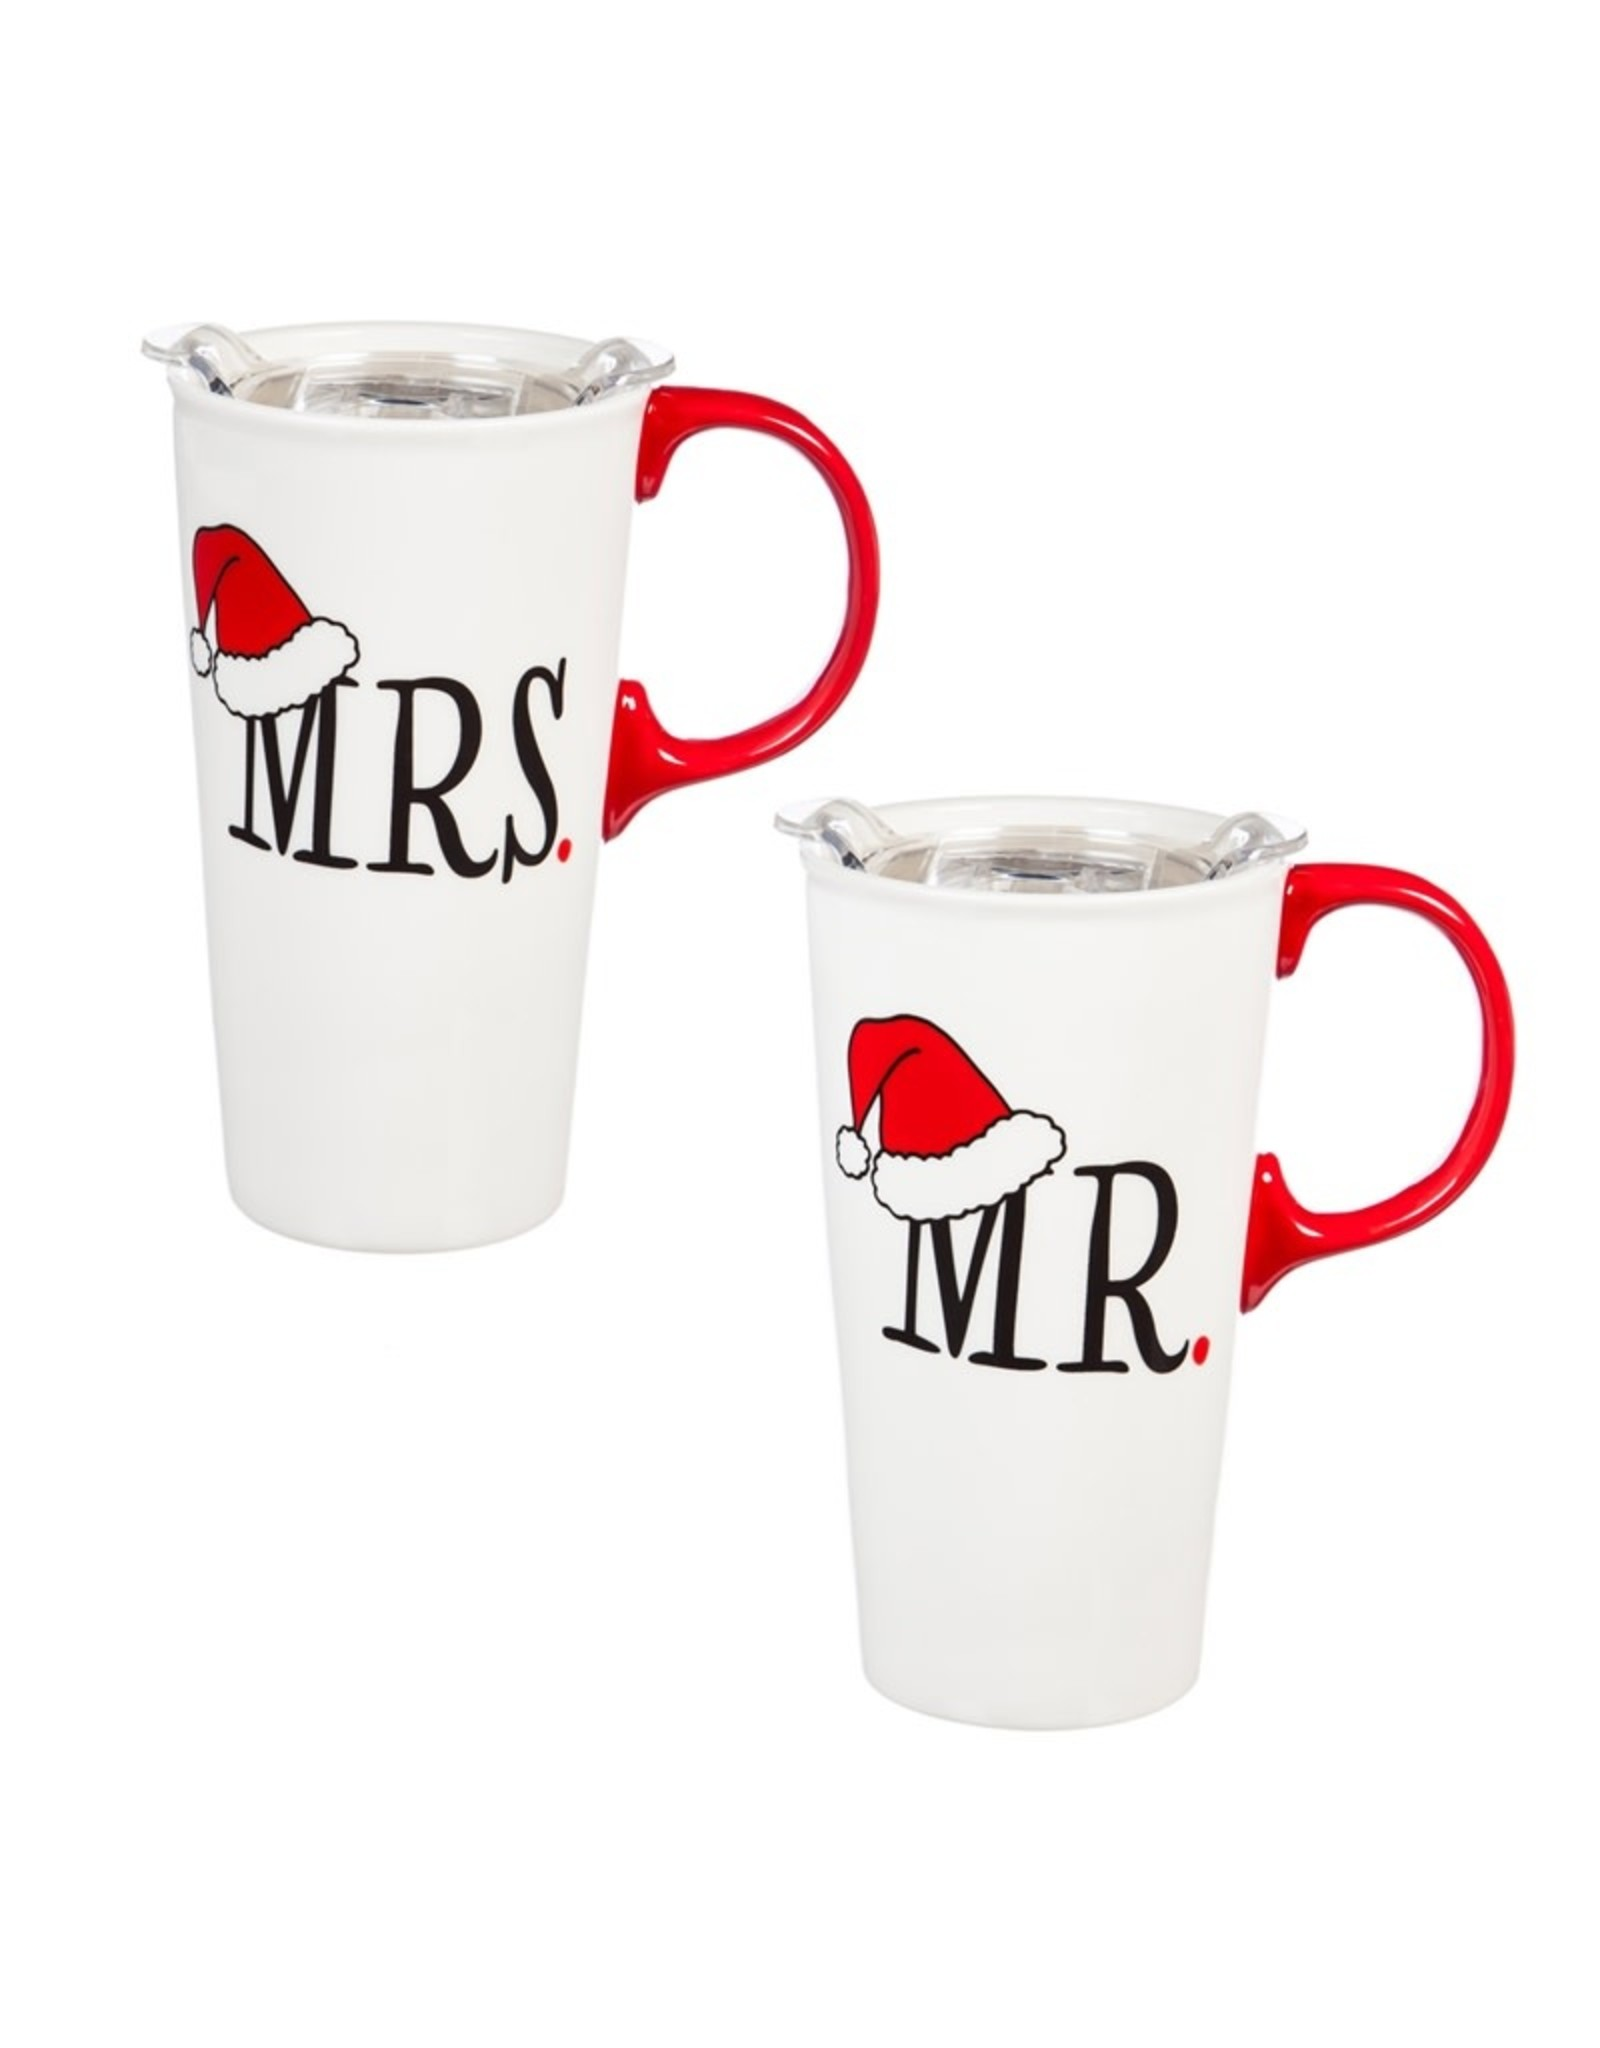 Evergreen Enterprises Mr. & Mrs. Ceramic Travel Cups Giftset